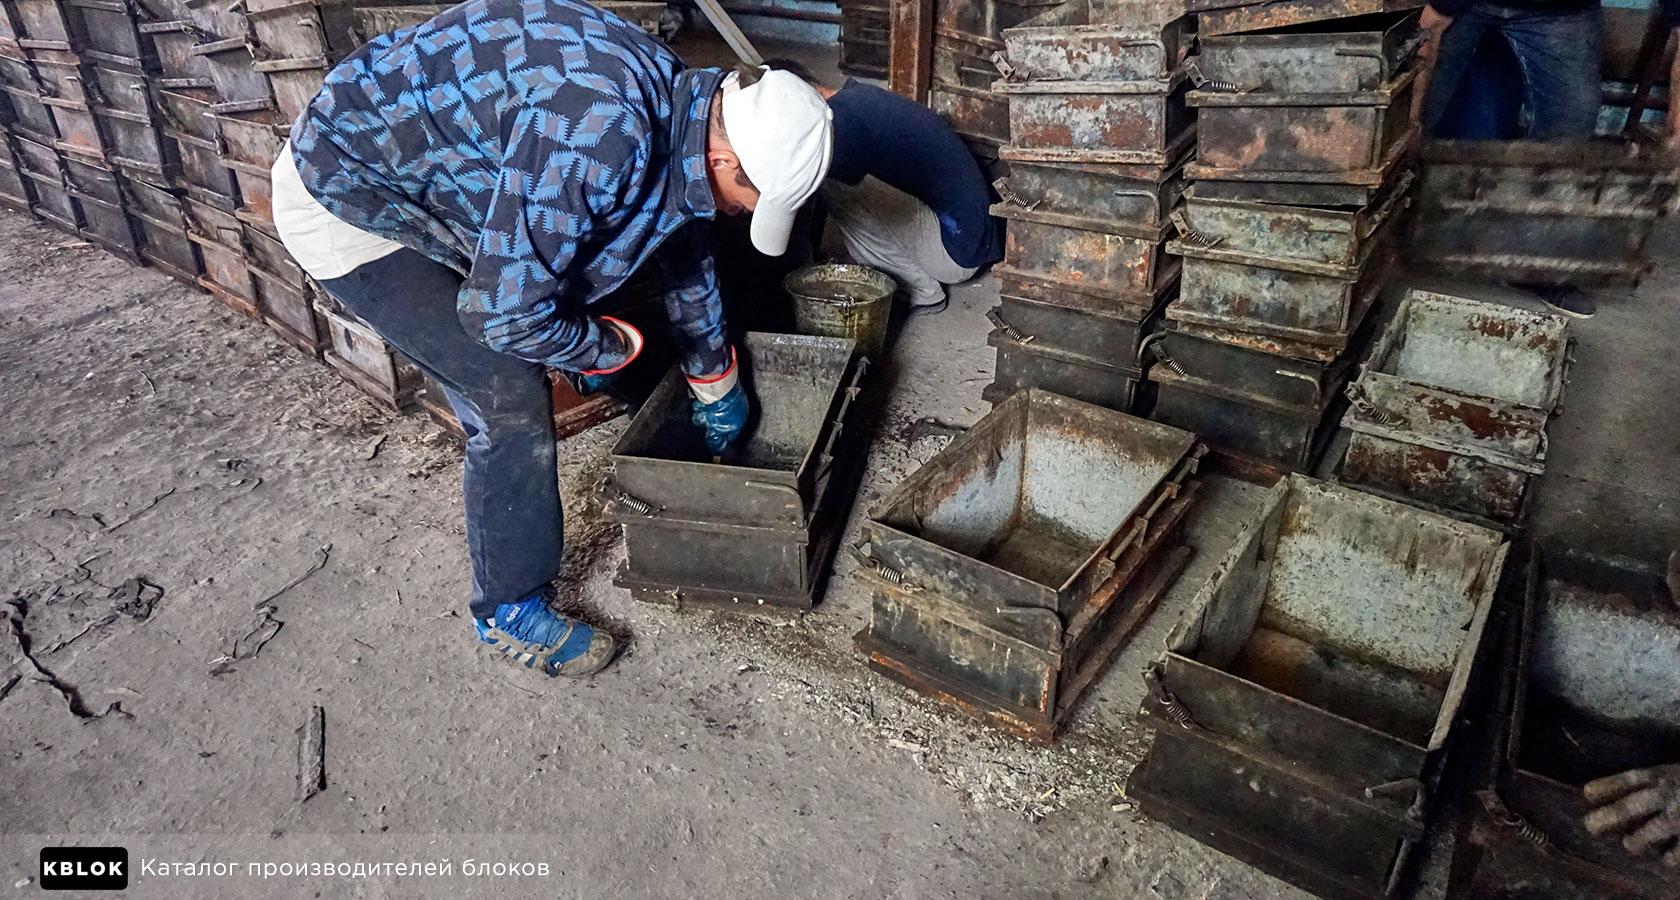 Оператор дробильной установки в Краснокамск ремонт дробильного оборудования в Череповец